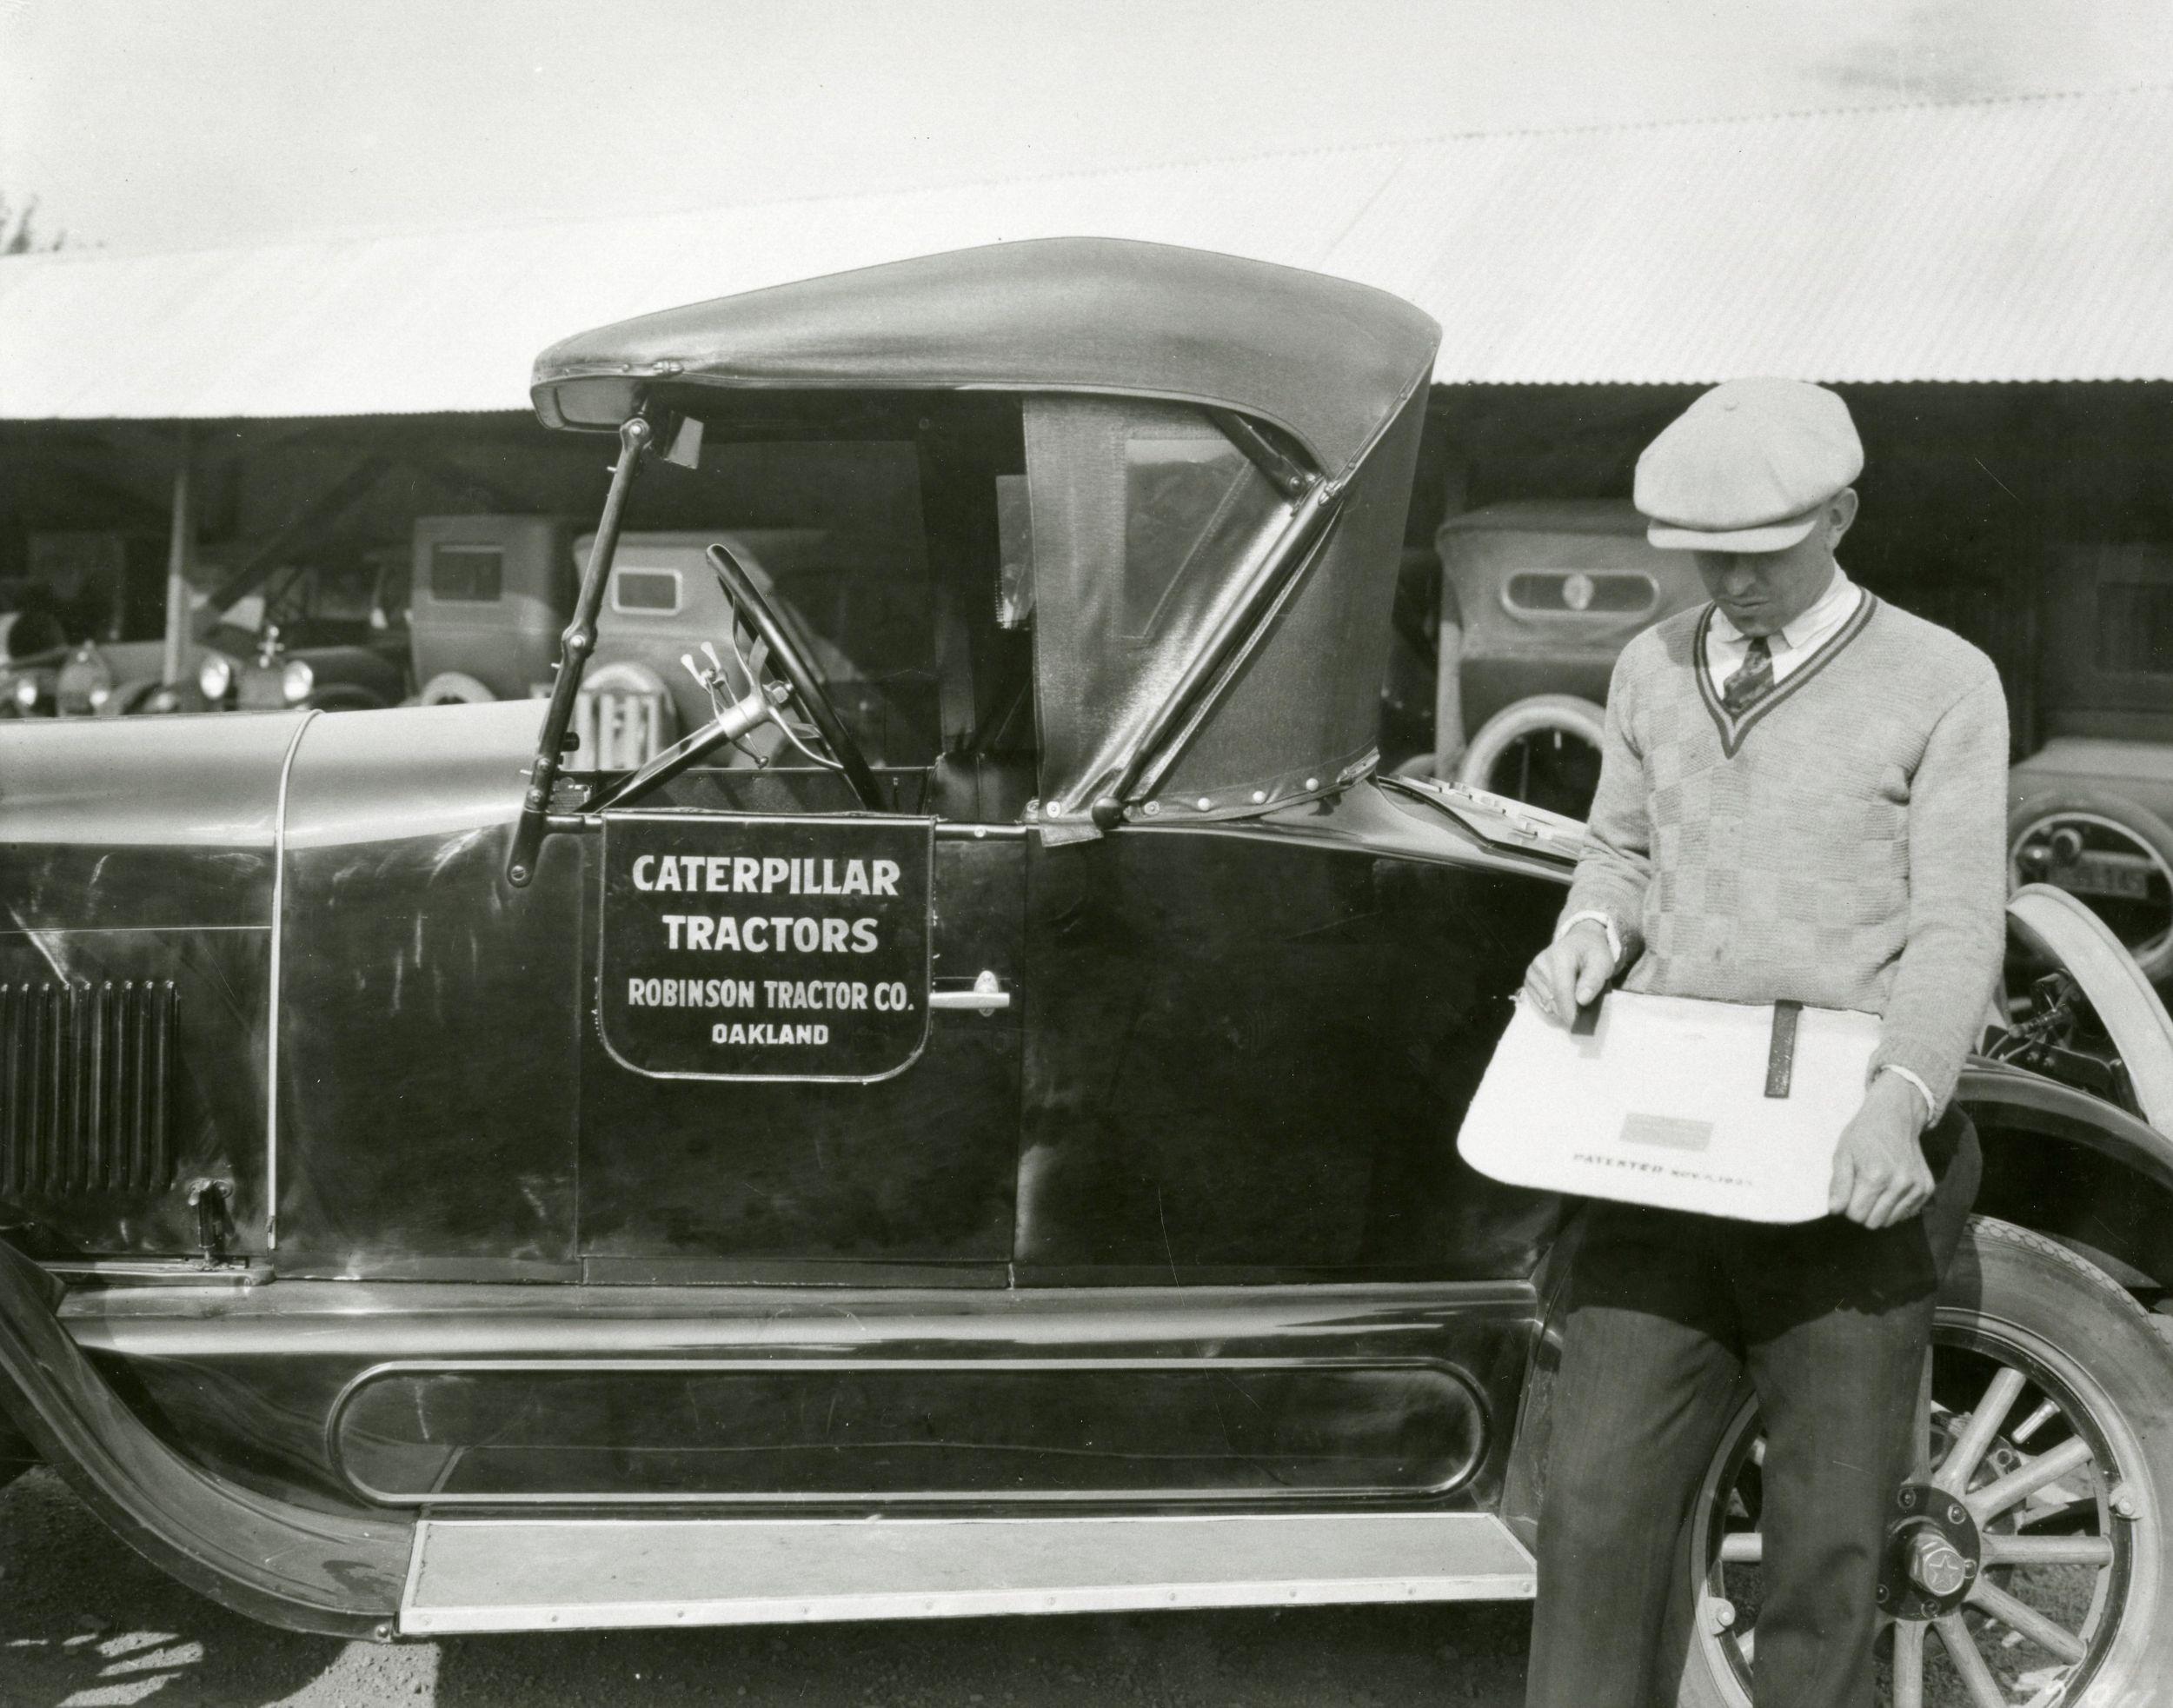 Caterpillar Dealer, Robinson Tractor Co., 1926.